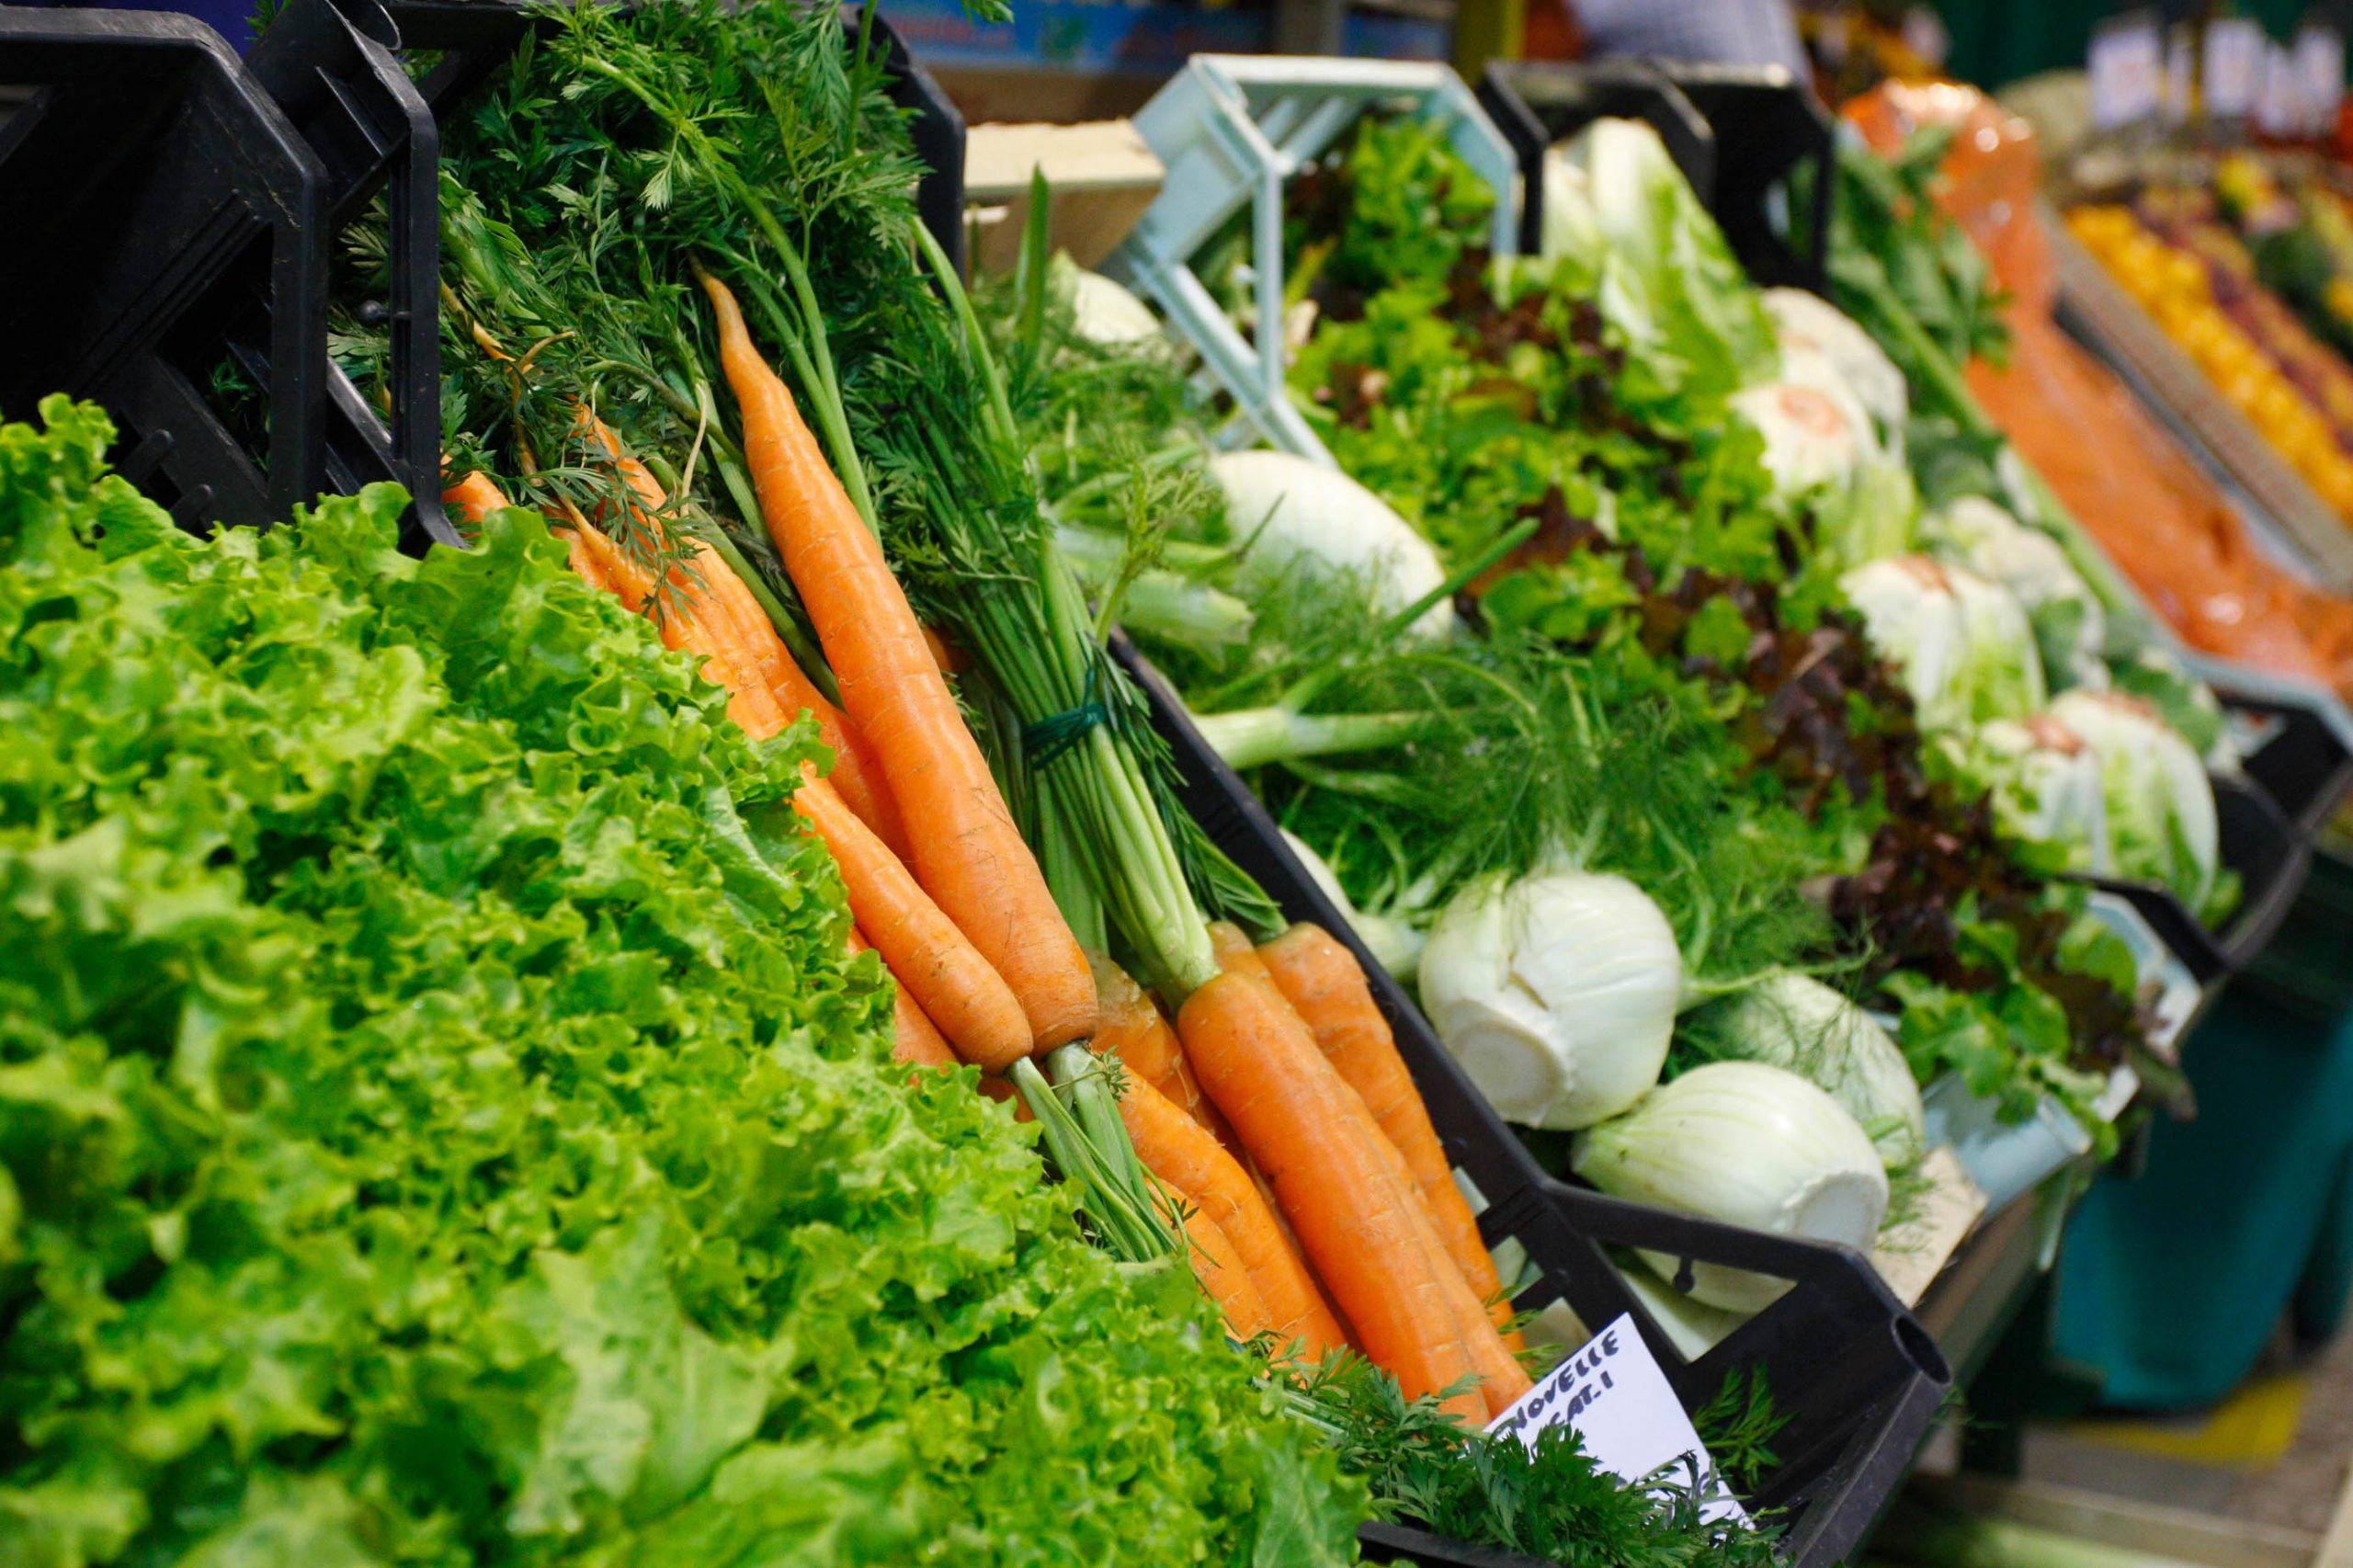 ירקות בשוק באיטליה (צילום: חגי ידידיה)